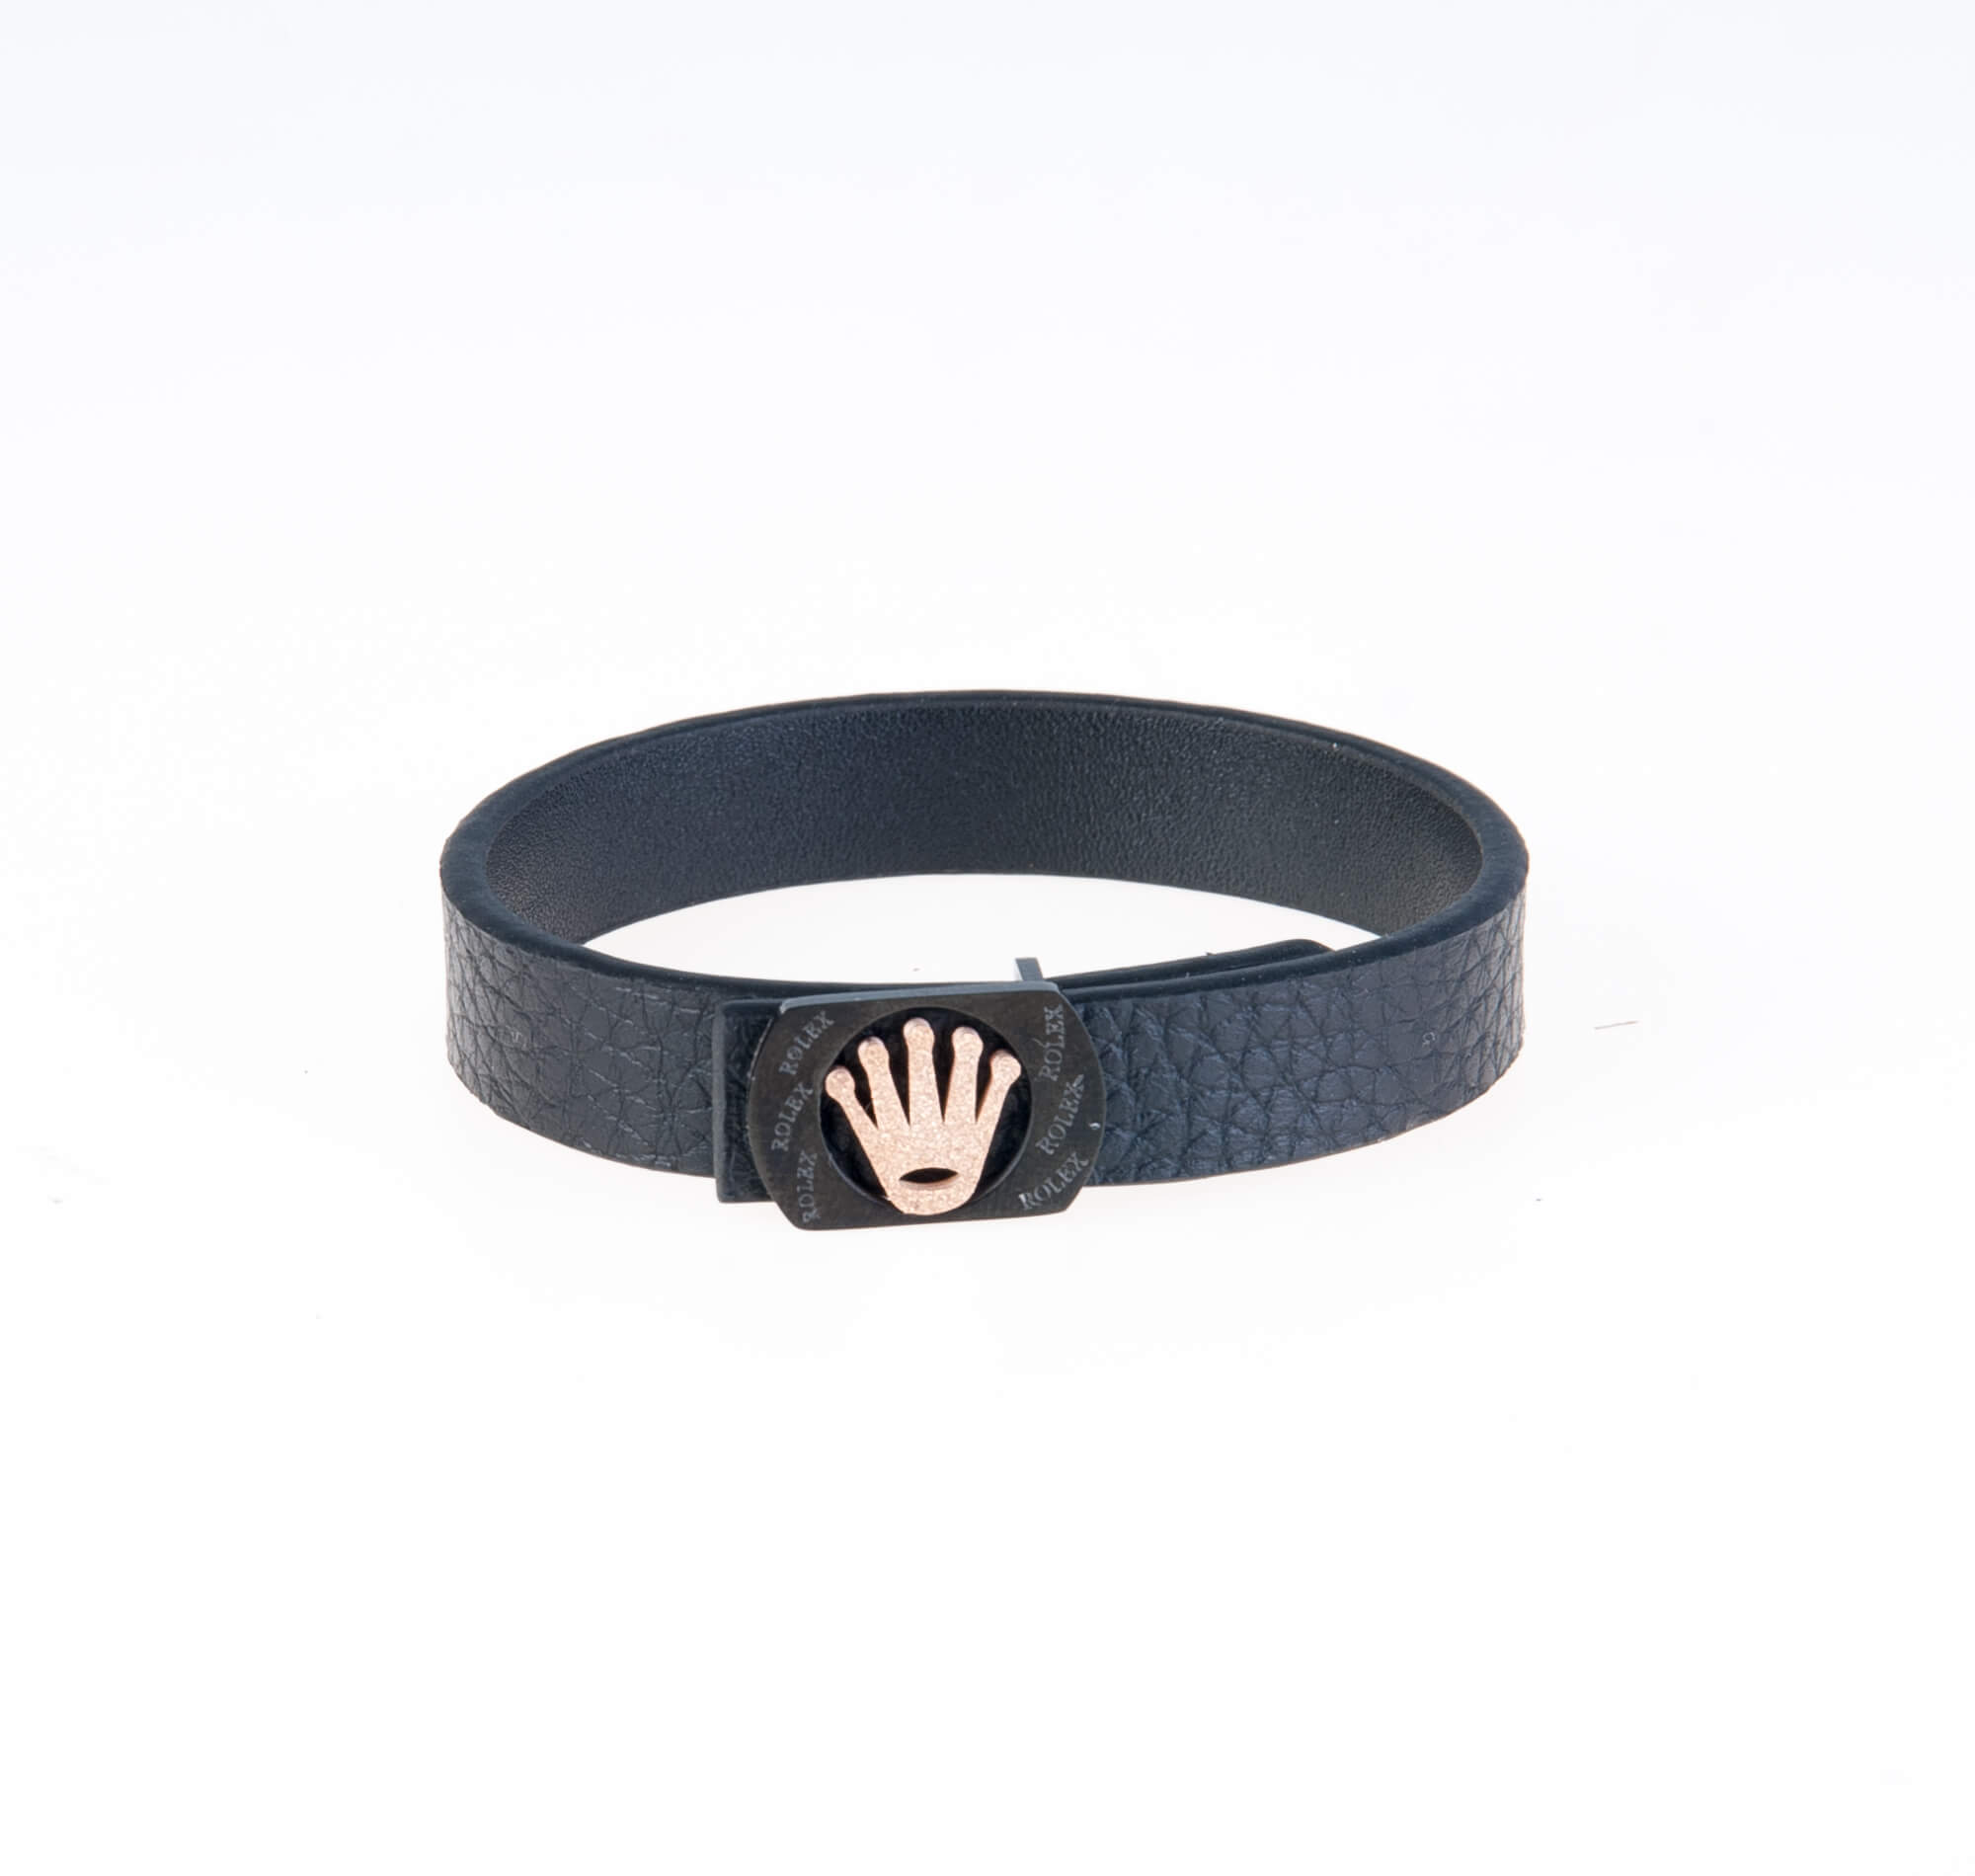 دستبند چرمی مشکی طلایی مردانه LM1020